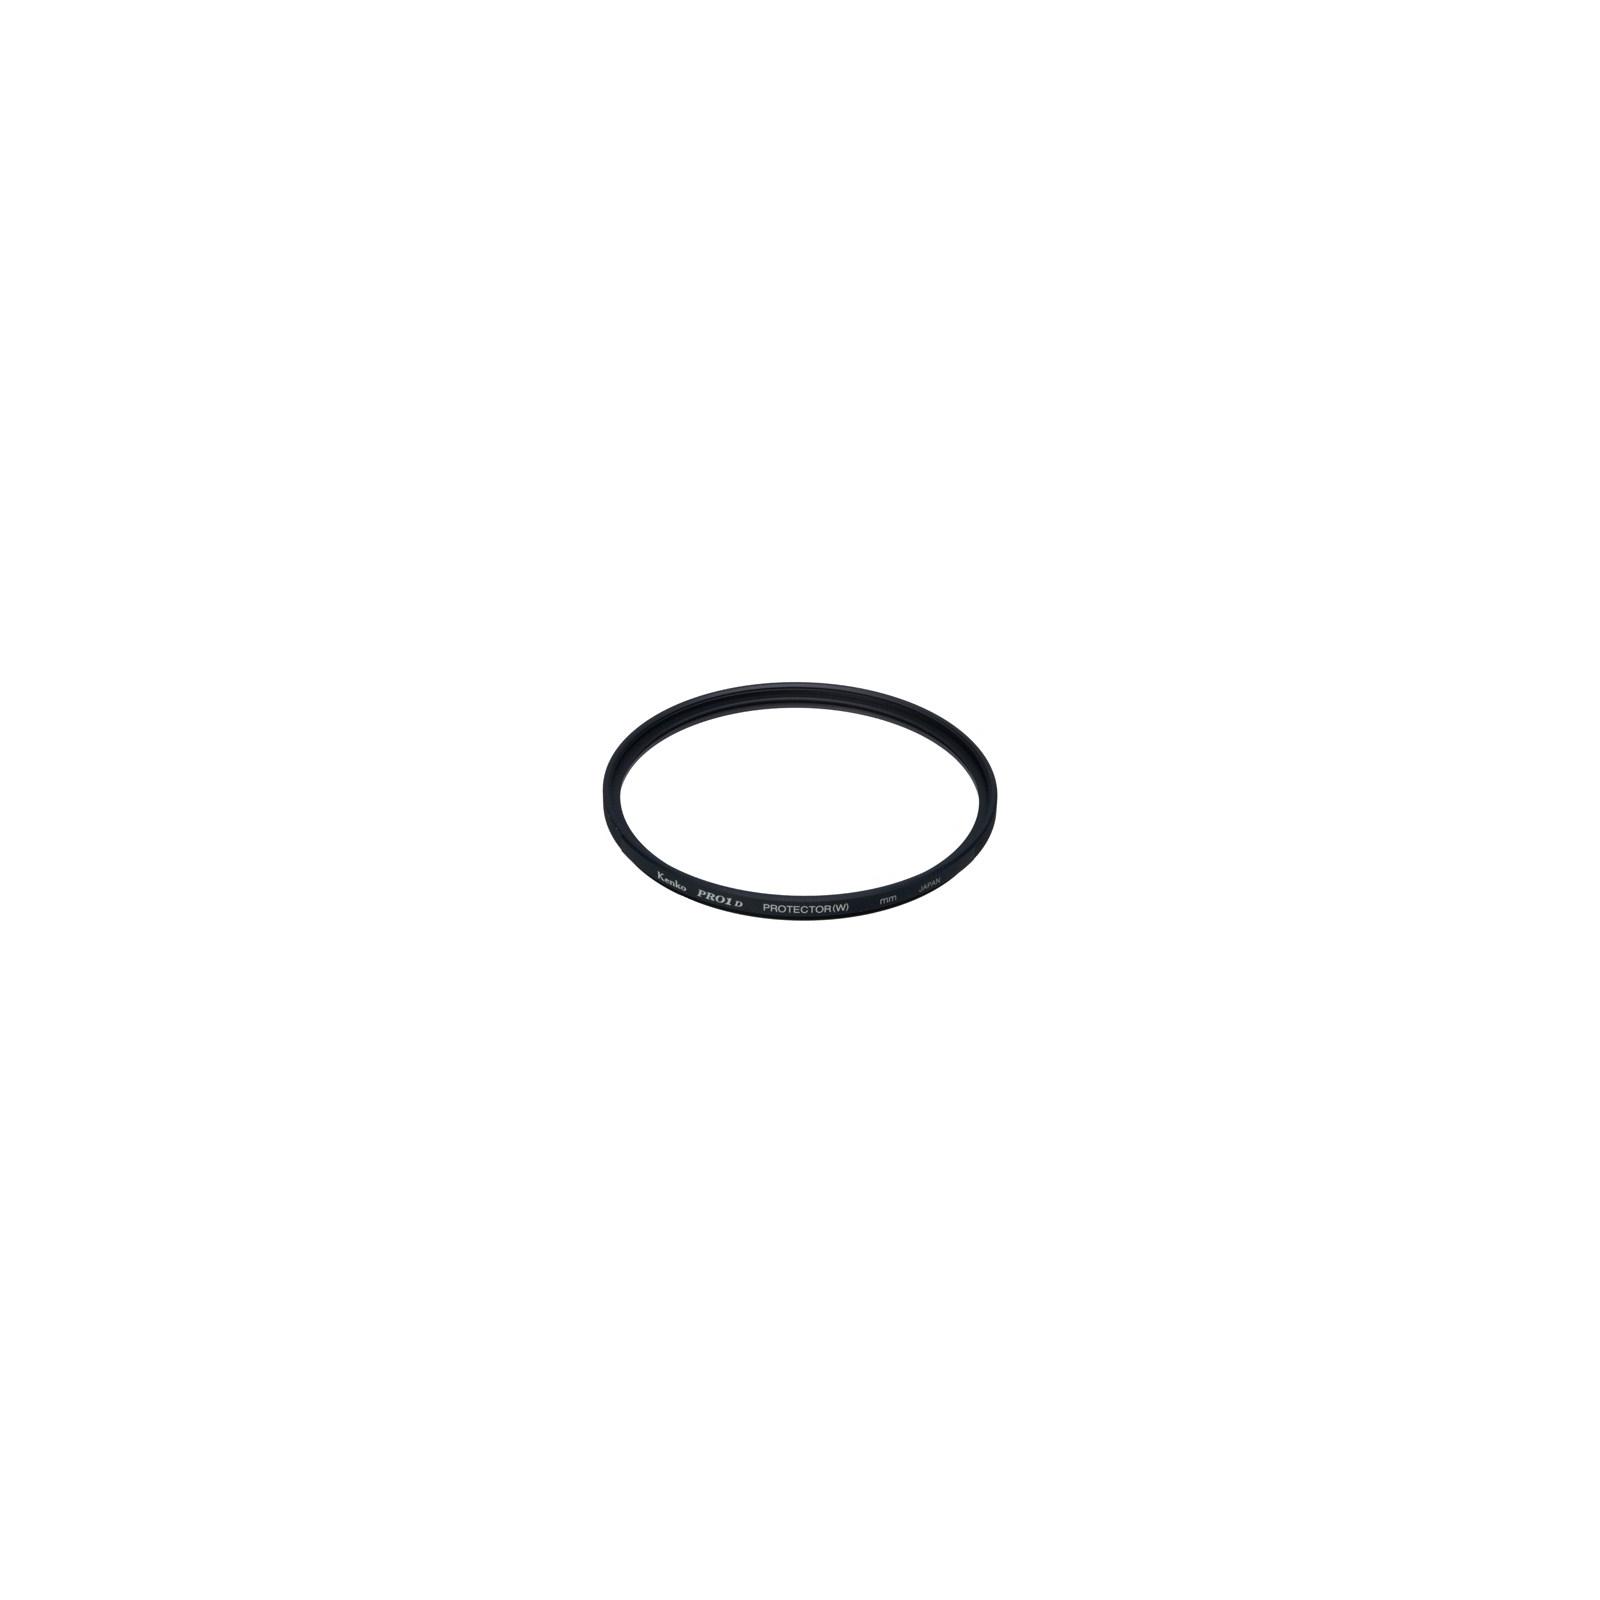 Светофильтр Kenko PRO1D Protector 67mm (236754)